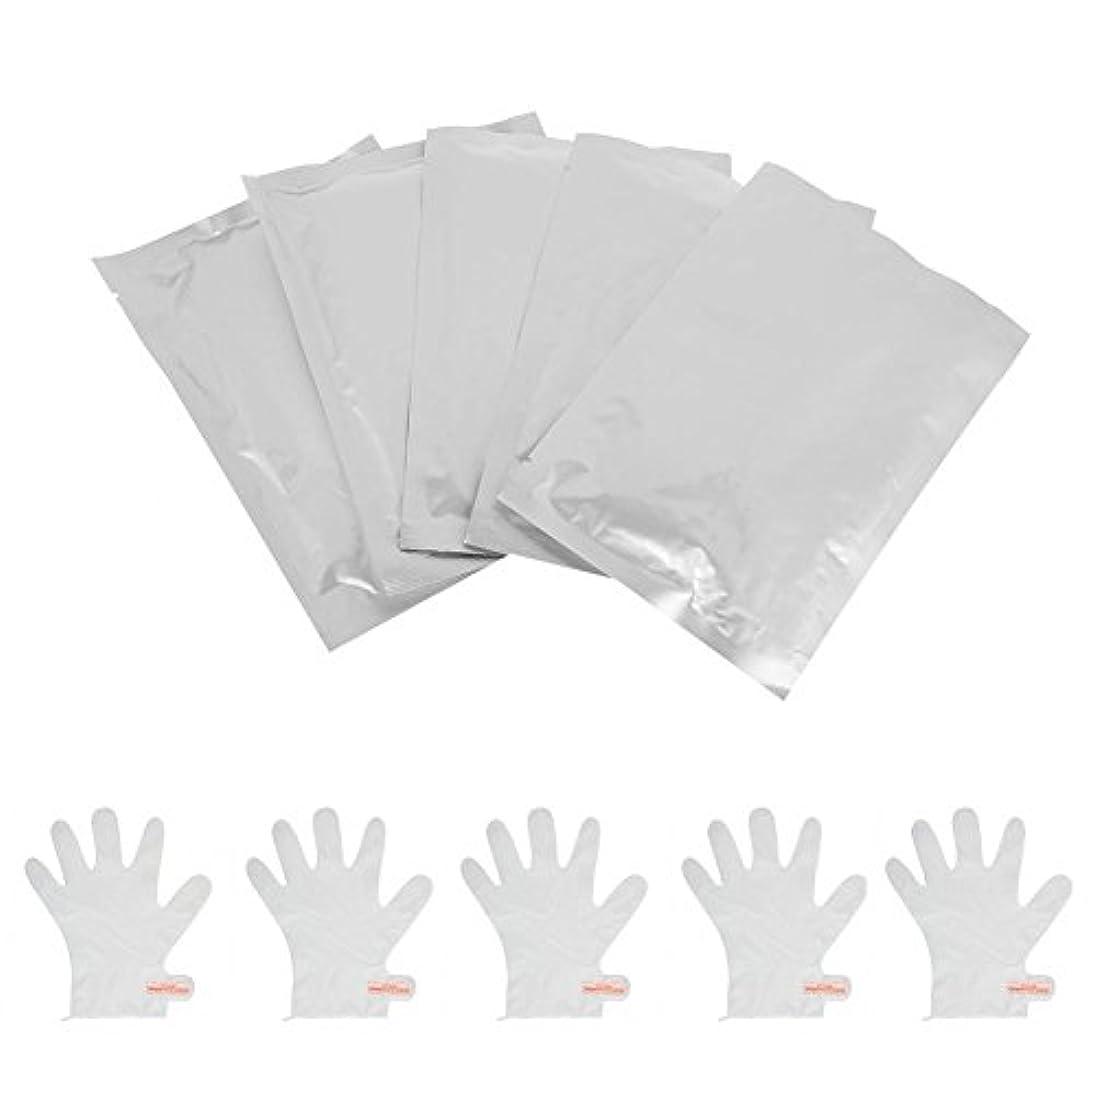 後世生きるチューインガムOchun ハンドマスク ハンドパック しっとり 保湿ケア 手荒れを防ぐ 乾燥の季節に適用 手袋のようにはめるだけ 10枚セット